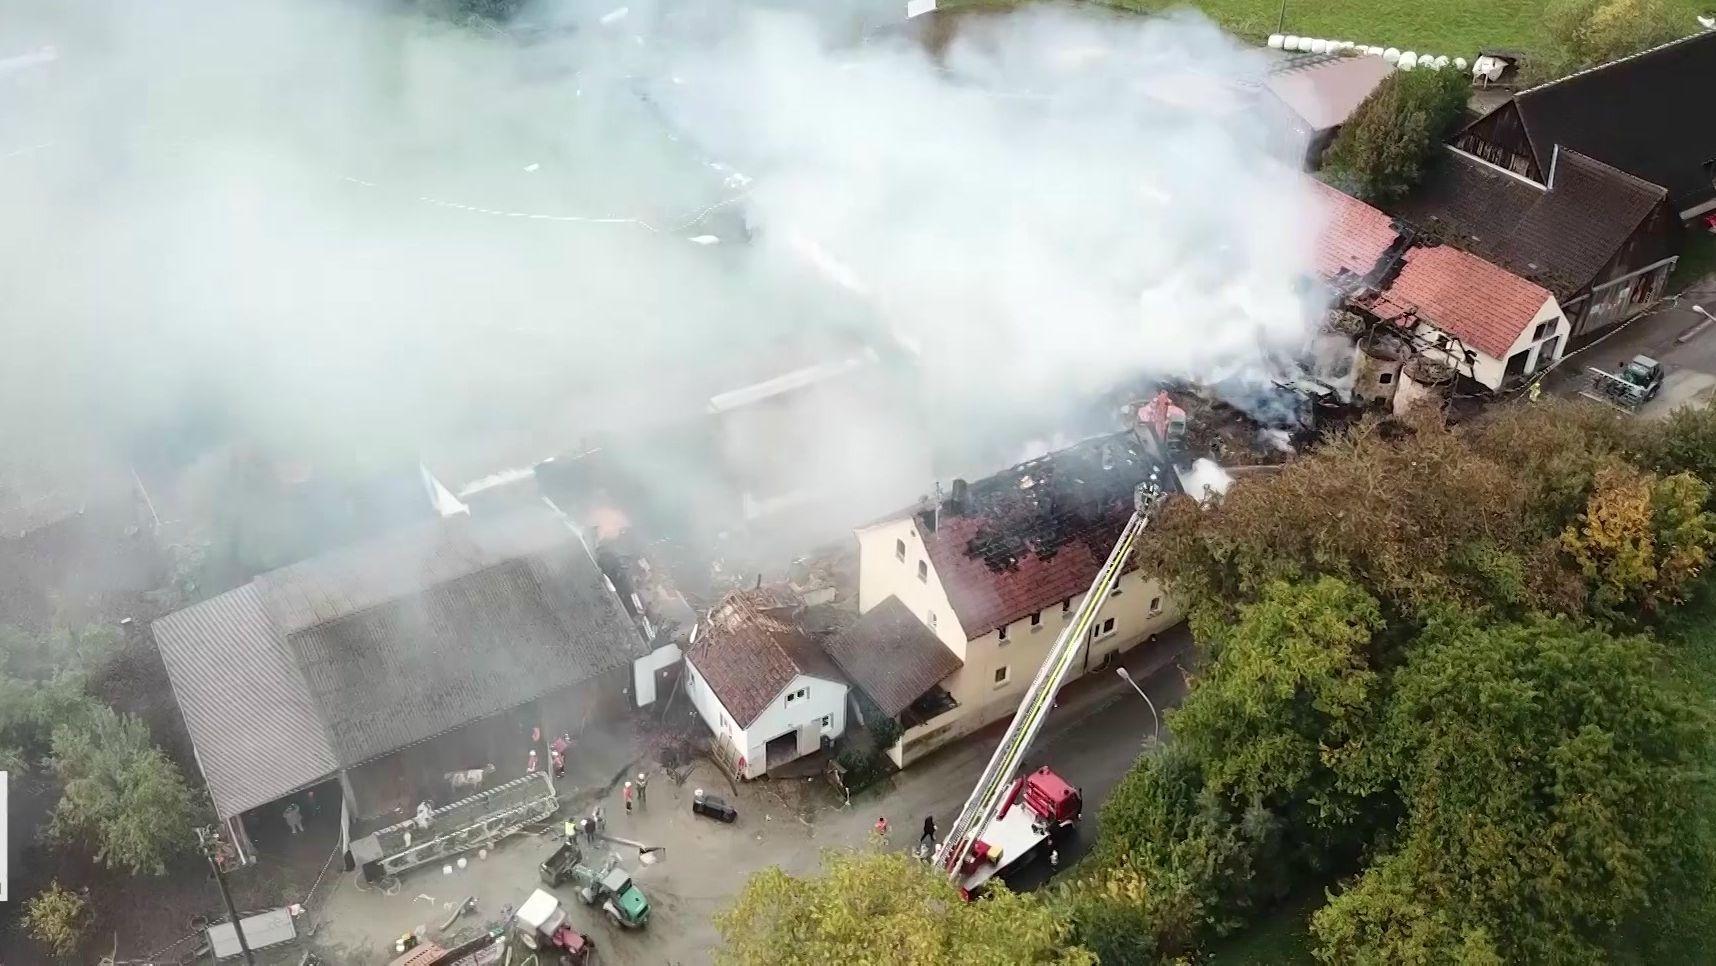 Luftaufnahme des niedergebrannten Bauernhofs, eine dicke Rauchsäule steigt aus der Mitte auf.